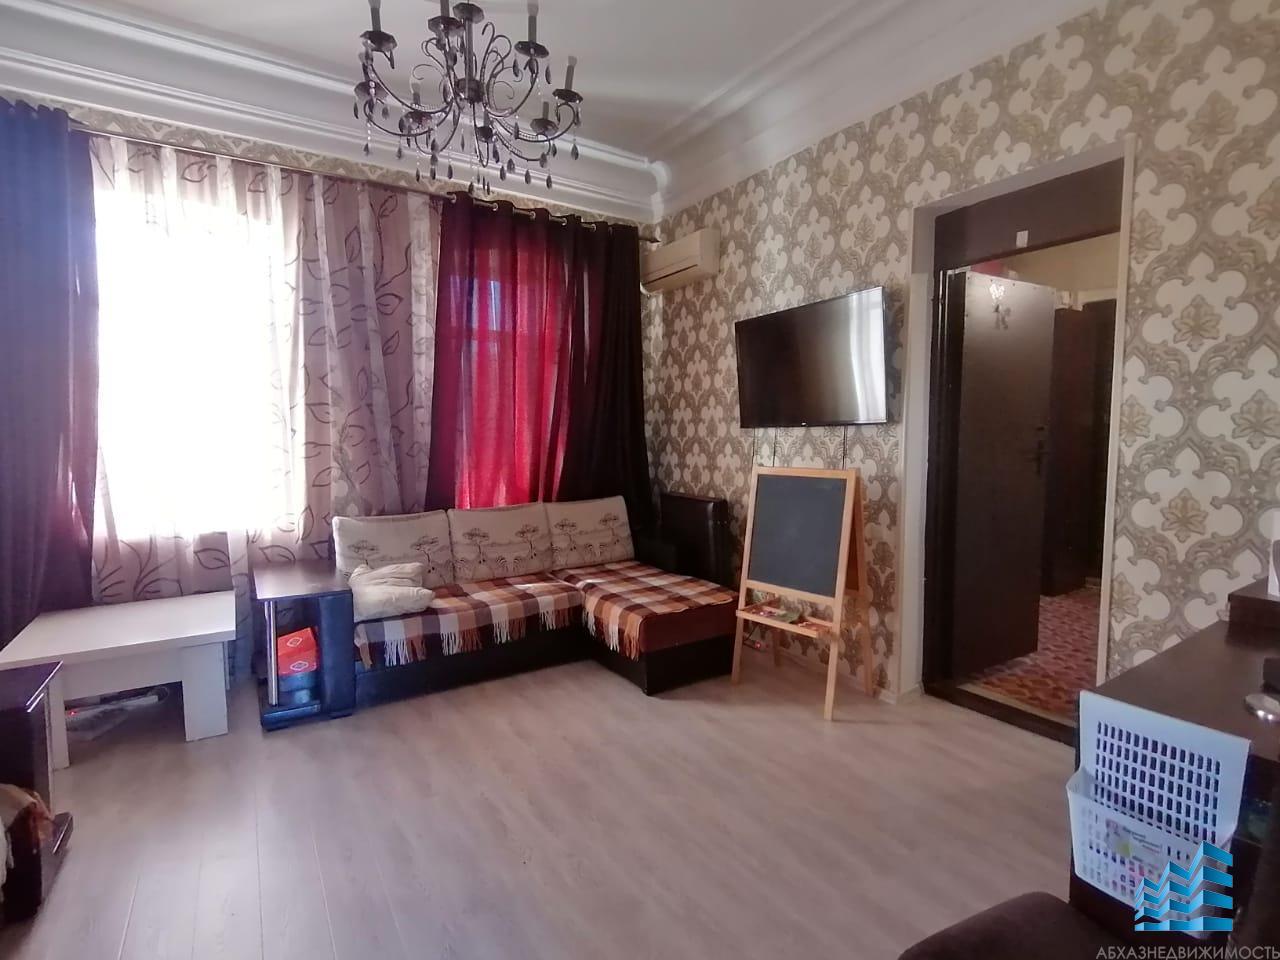 3-комн.квартира в центре города за 5,3 млн.руб